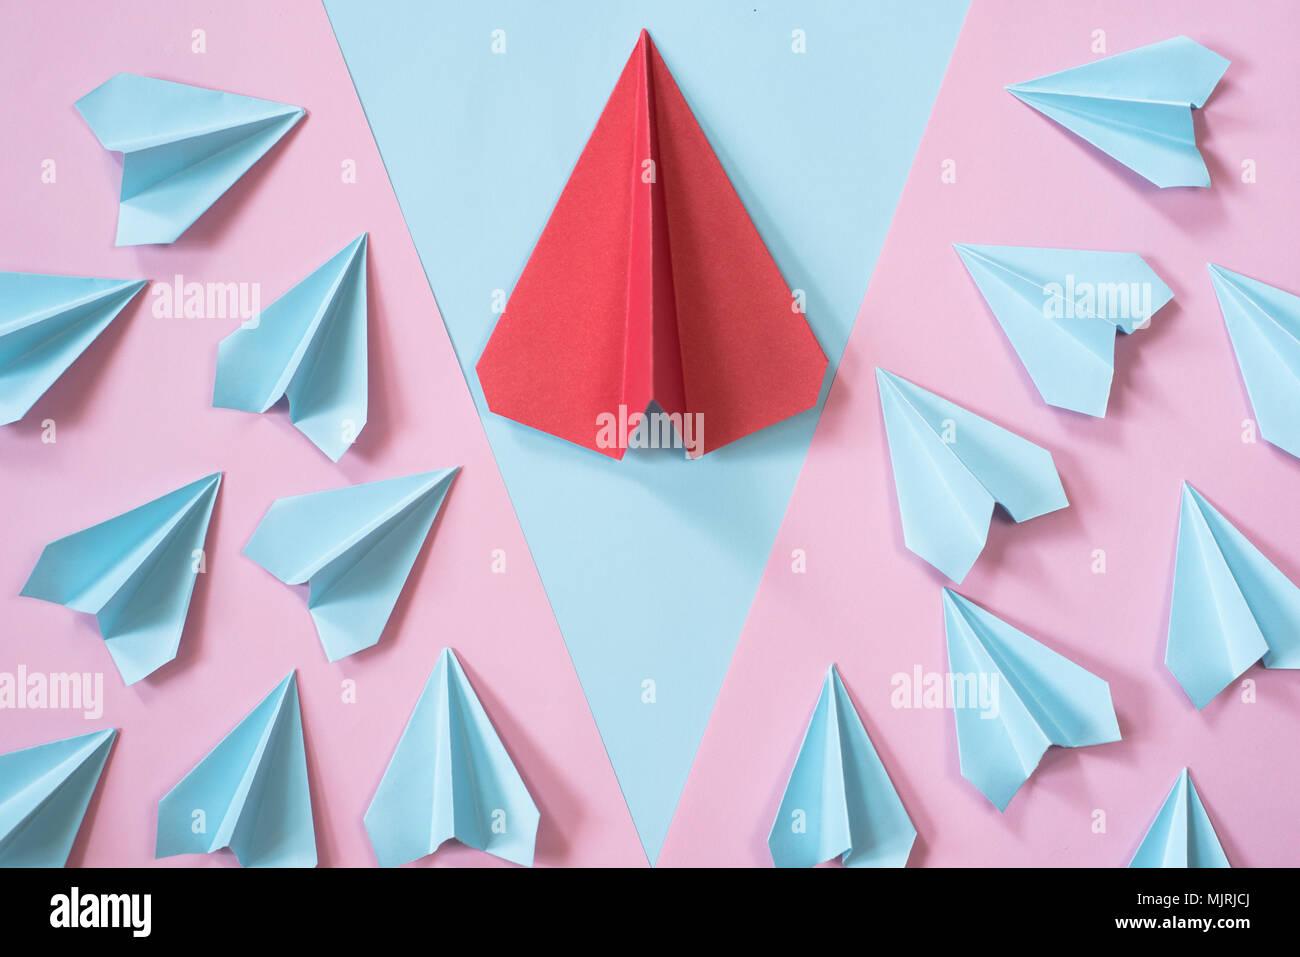 Aviones de Papel azul que rodea el mayor avión de papel rojo en color rosa y azul pastel antecedentes concepto de liderazgo. Imagen De Stock